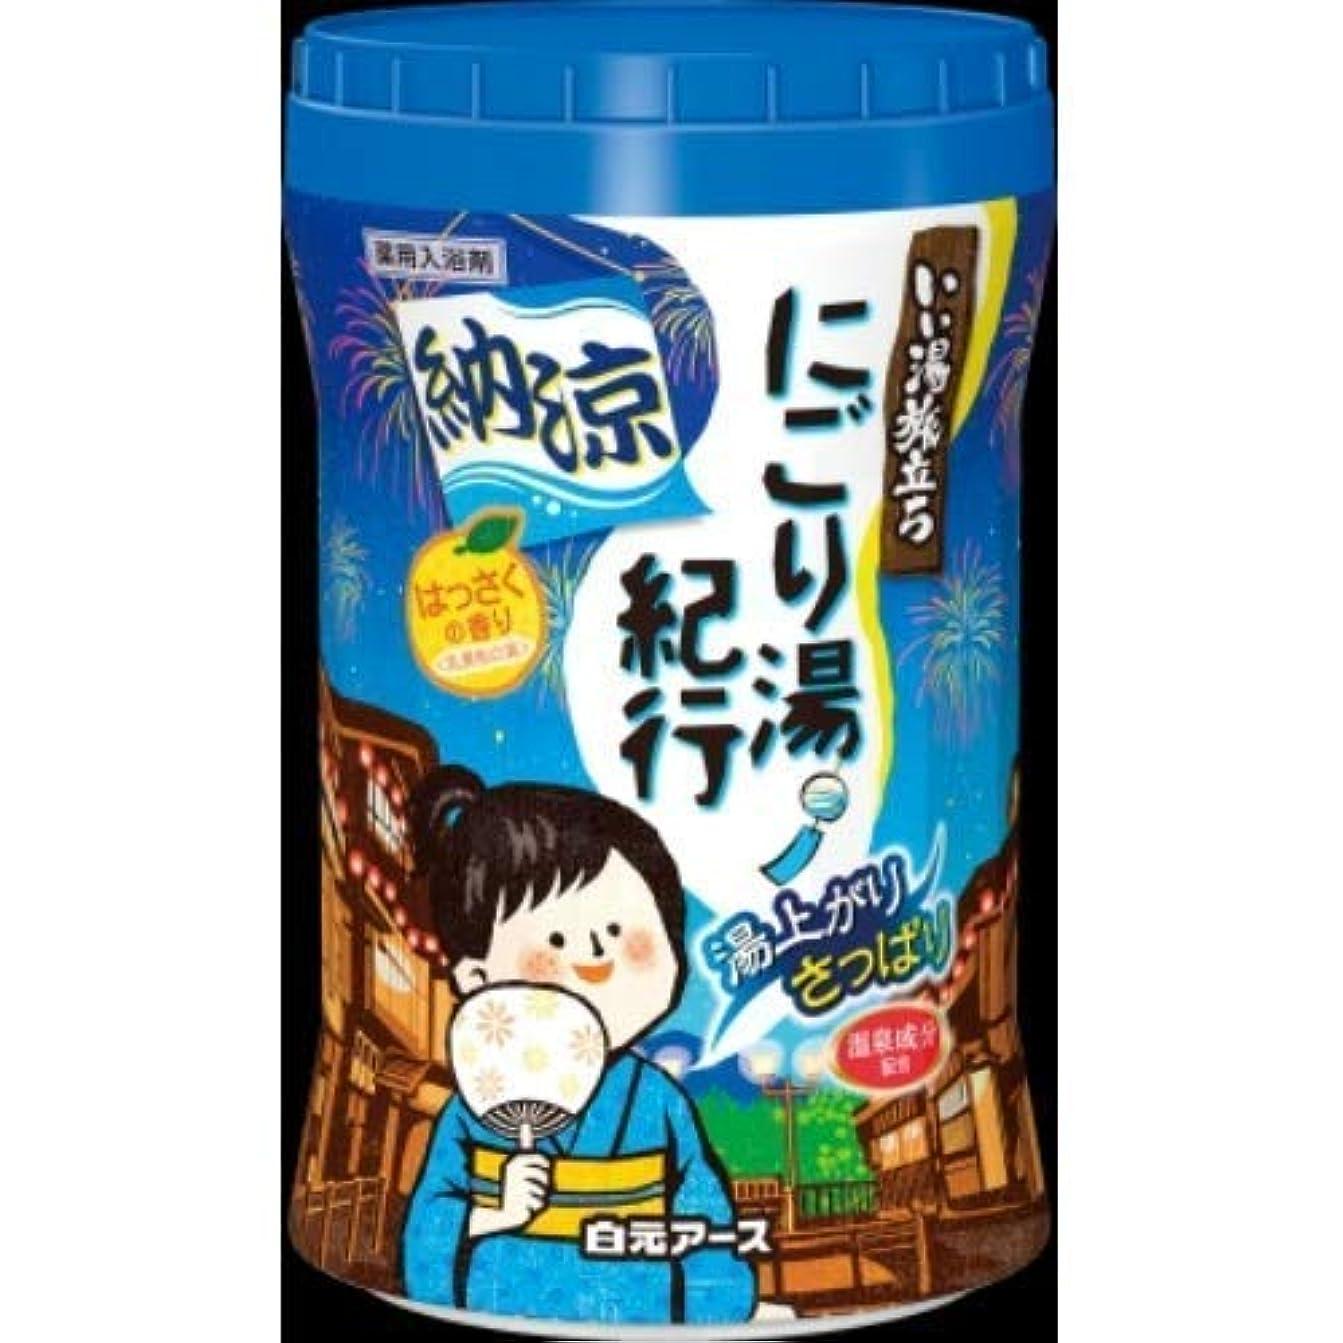 忘れる袋反毒いい湯旅立ち 納涼にごり湯紀行 はっさくの香り × 12個セット